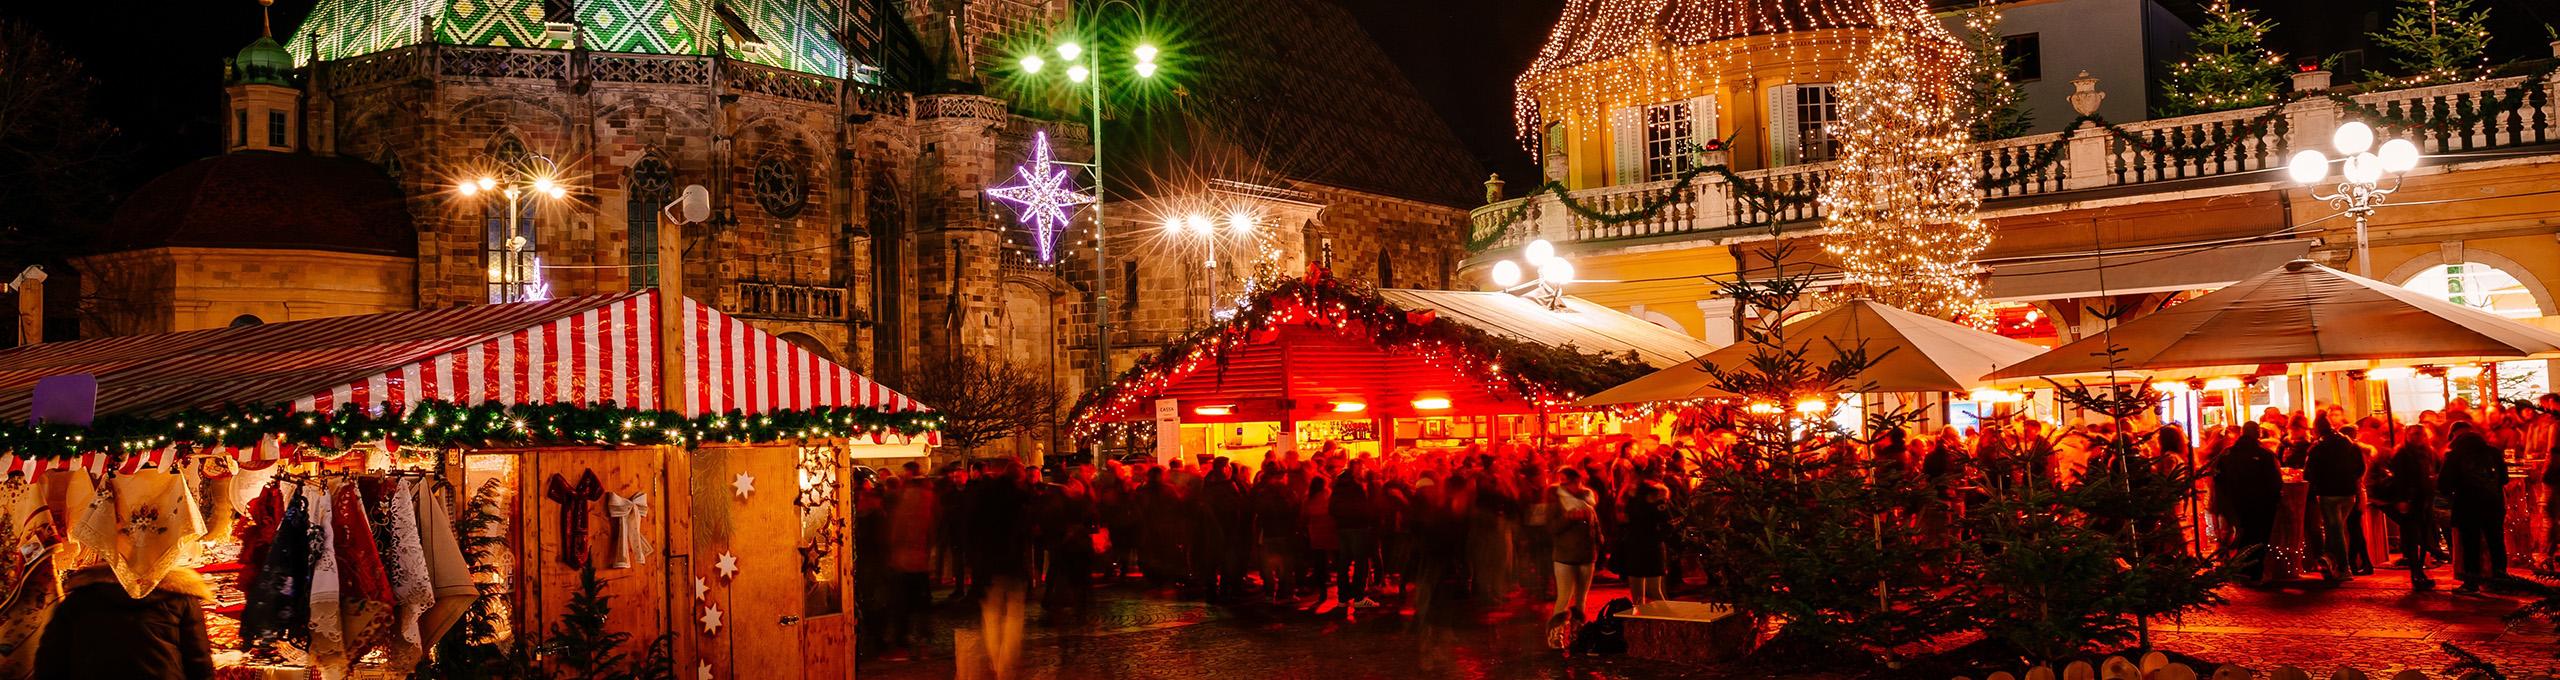 kerstmarktn-duitsland-capartas